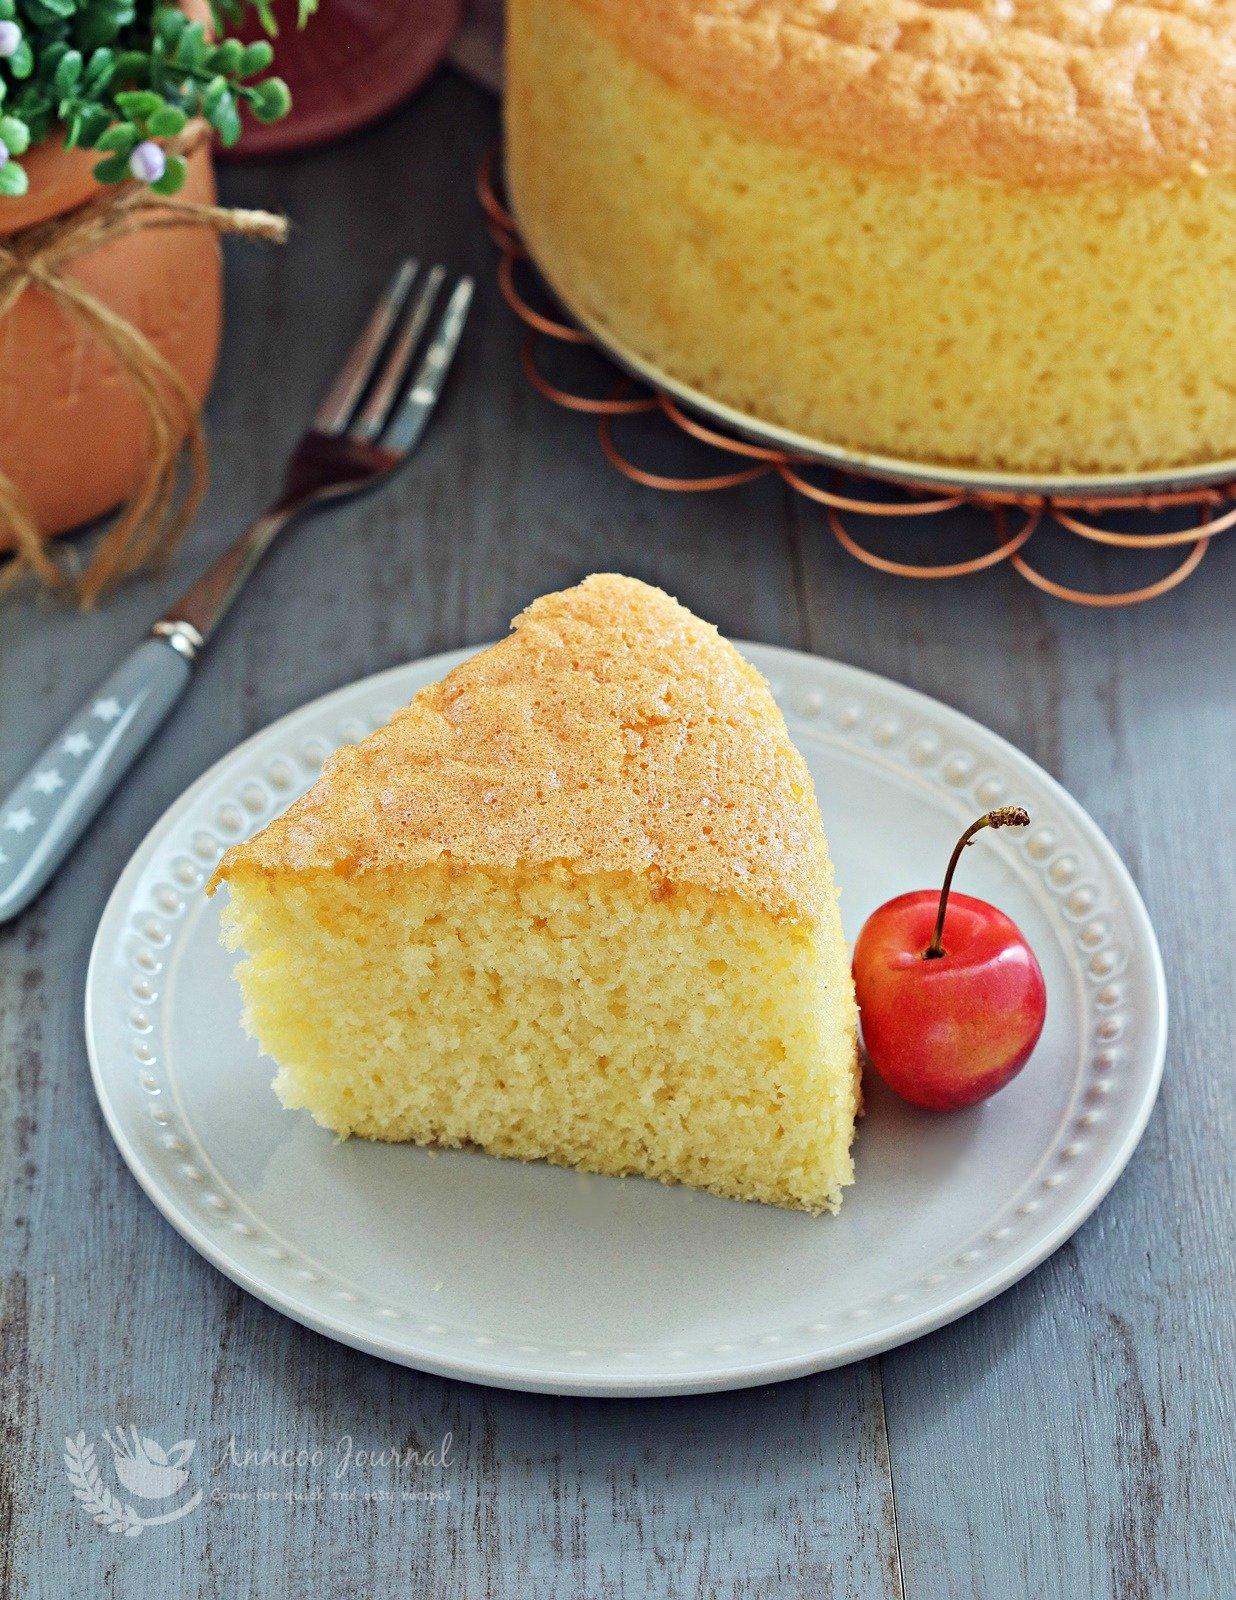 whisked sponge cake